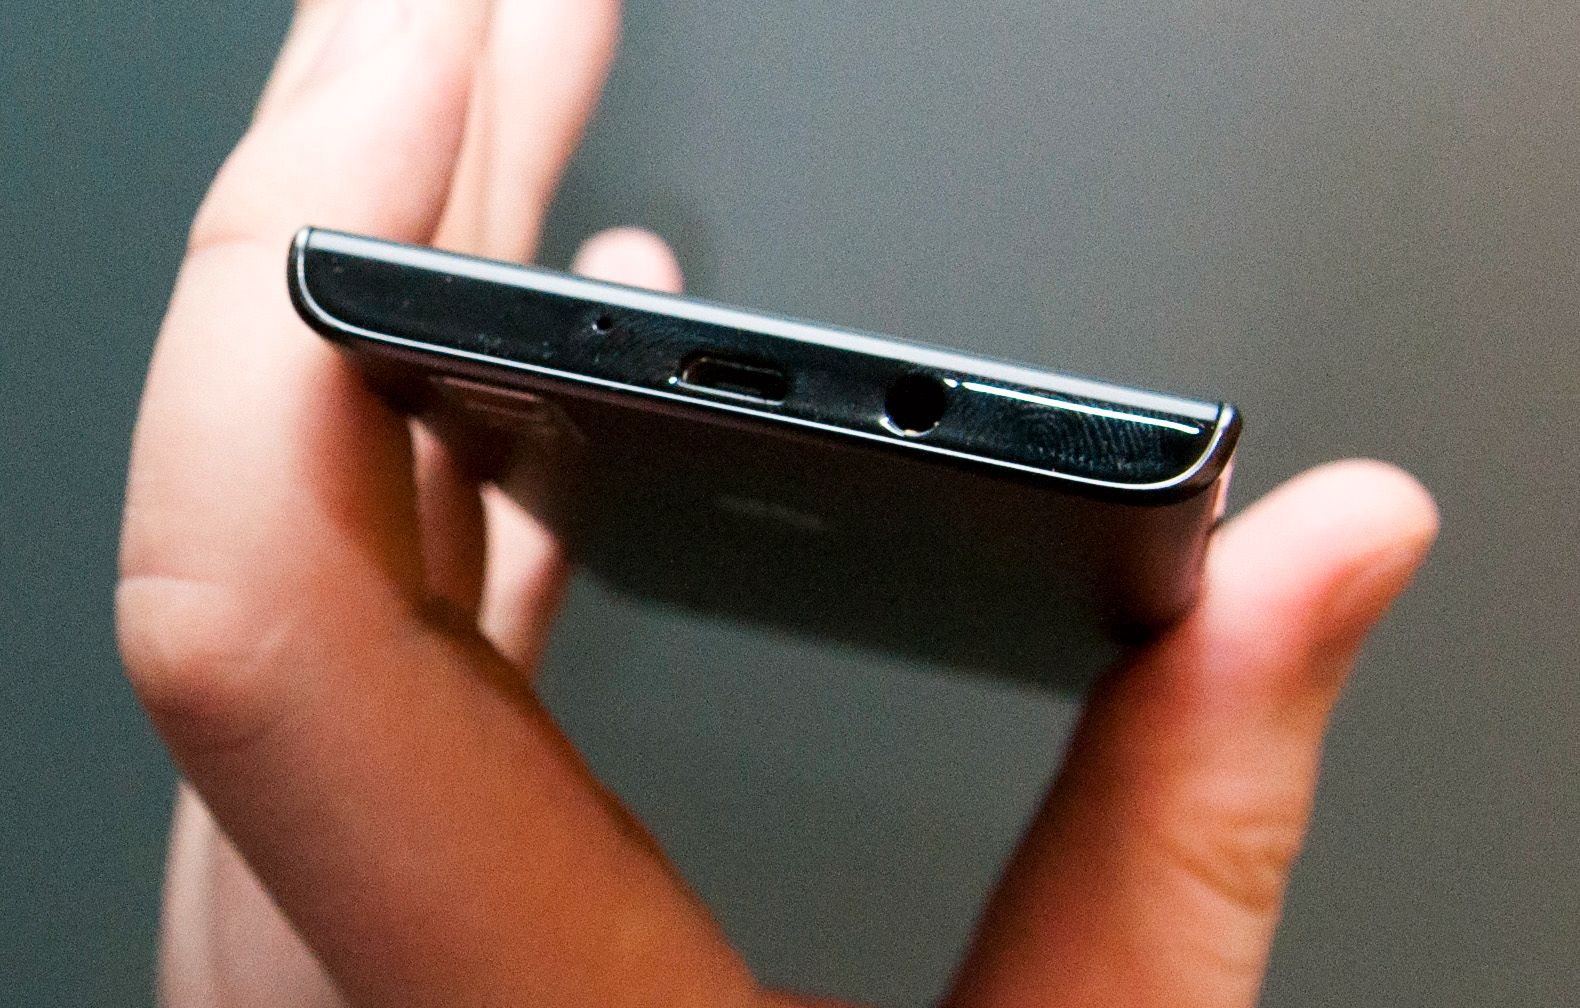 Undersiden av telefonen. Foto: Finn Jarle Kvalheim, Amobil.no